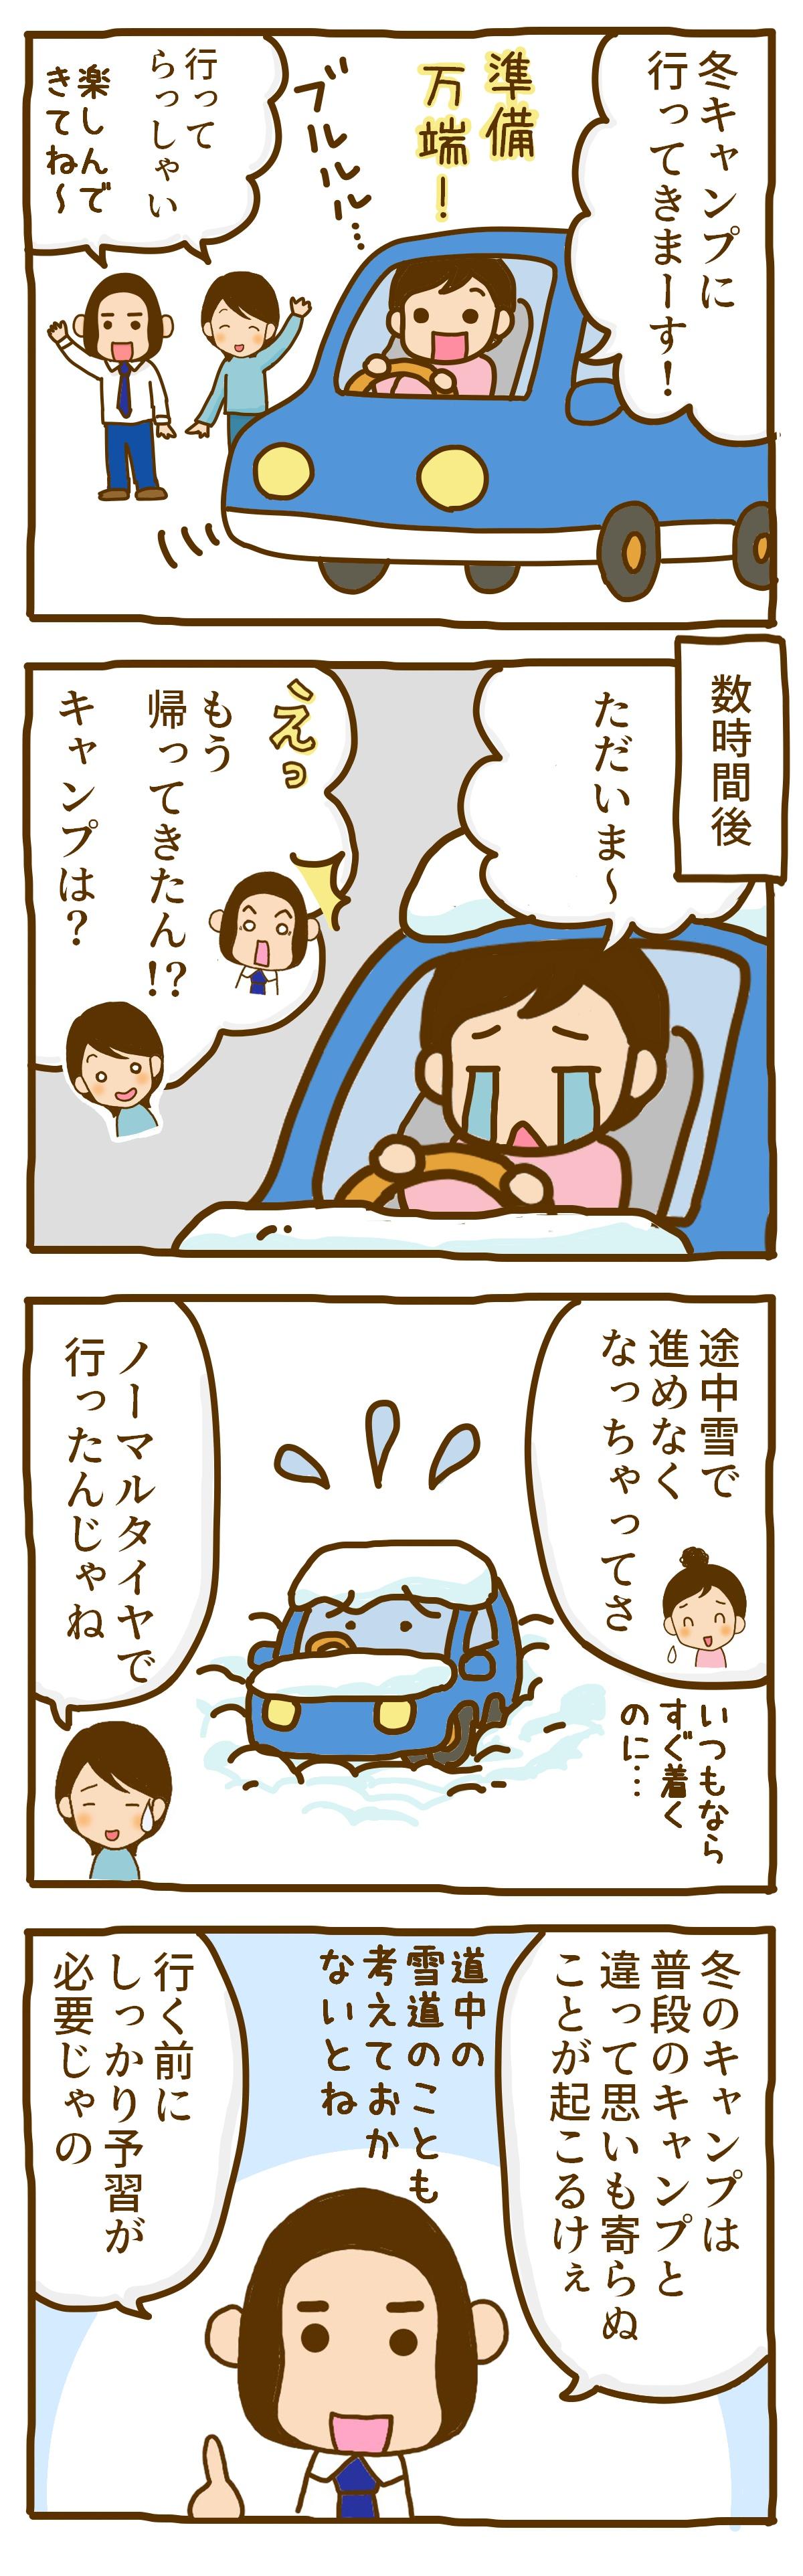 漫画174